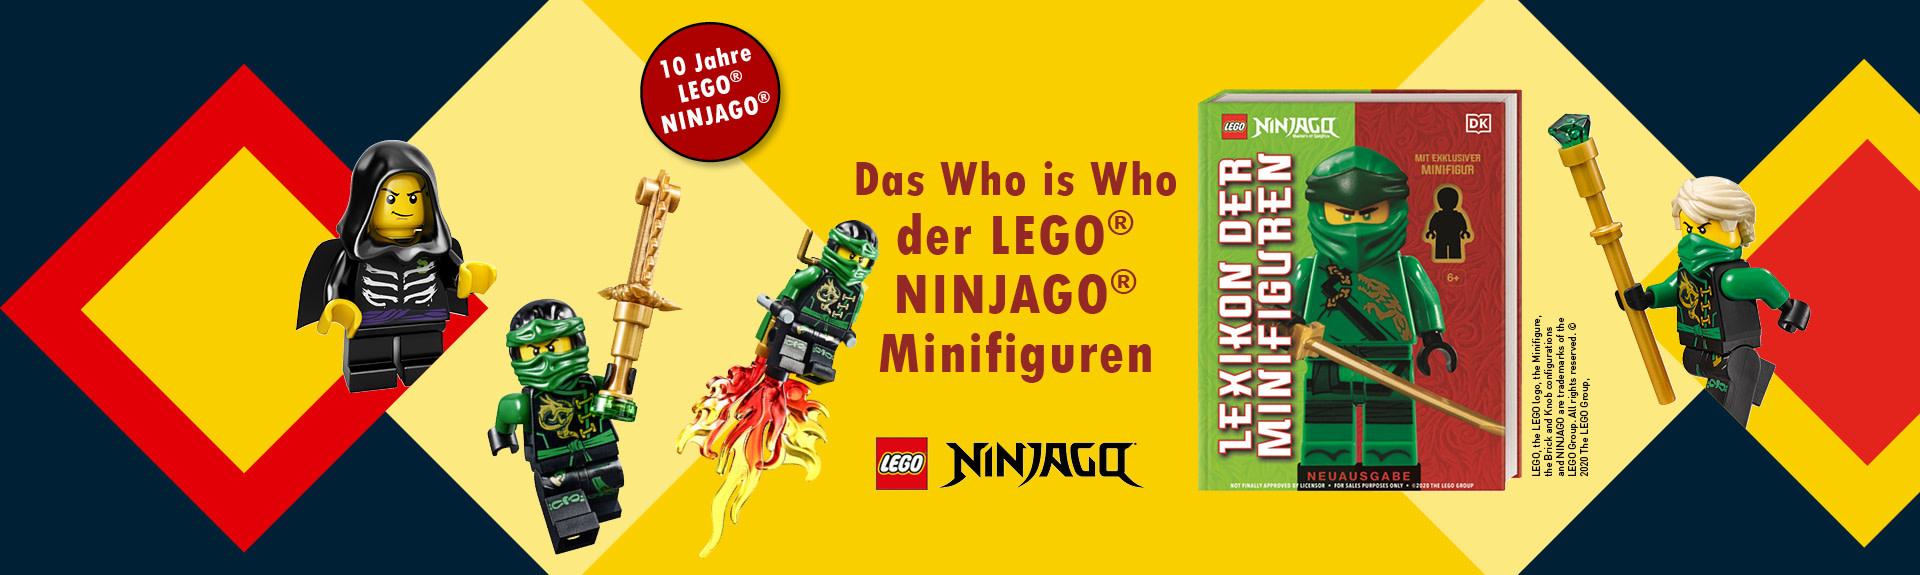 LEGO NINJAGO Lexikon